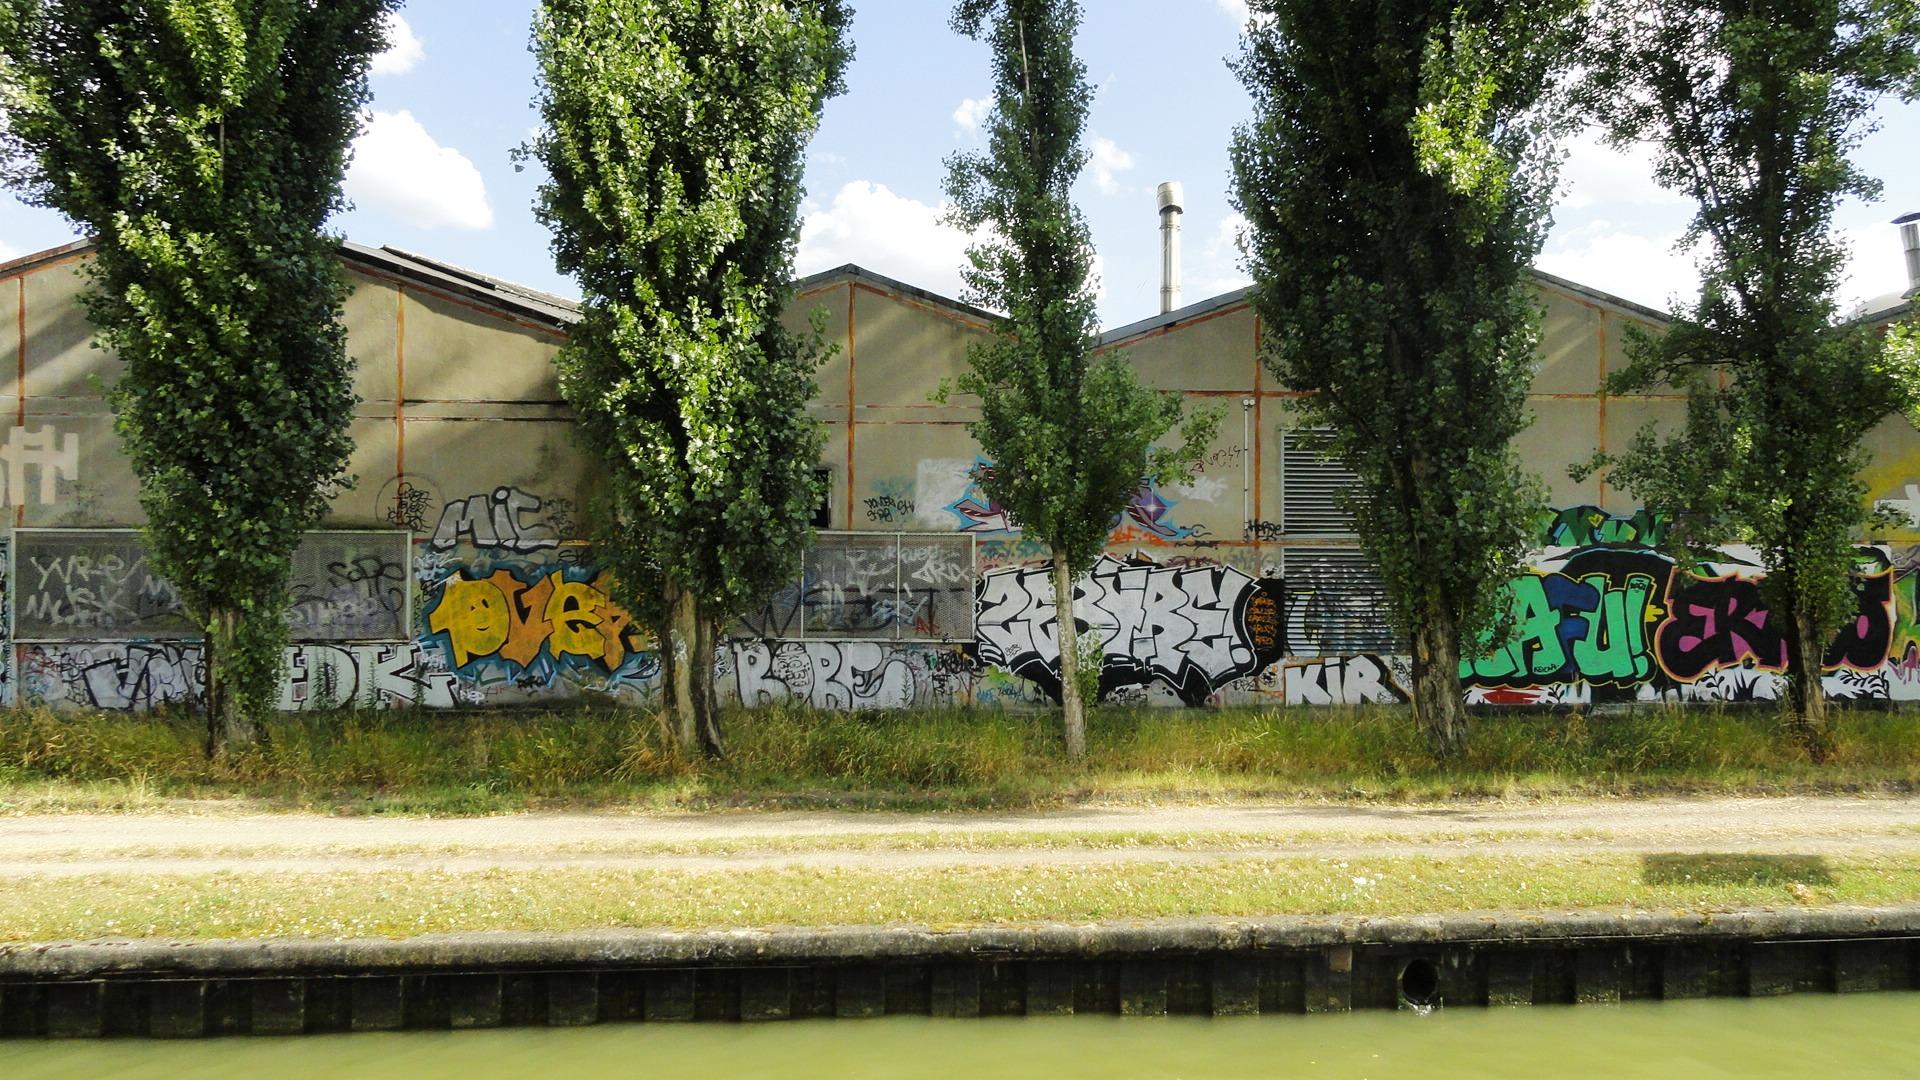 Canal de l'Ourcq, Bobigny - Arrières d'entrepôts graffés